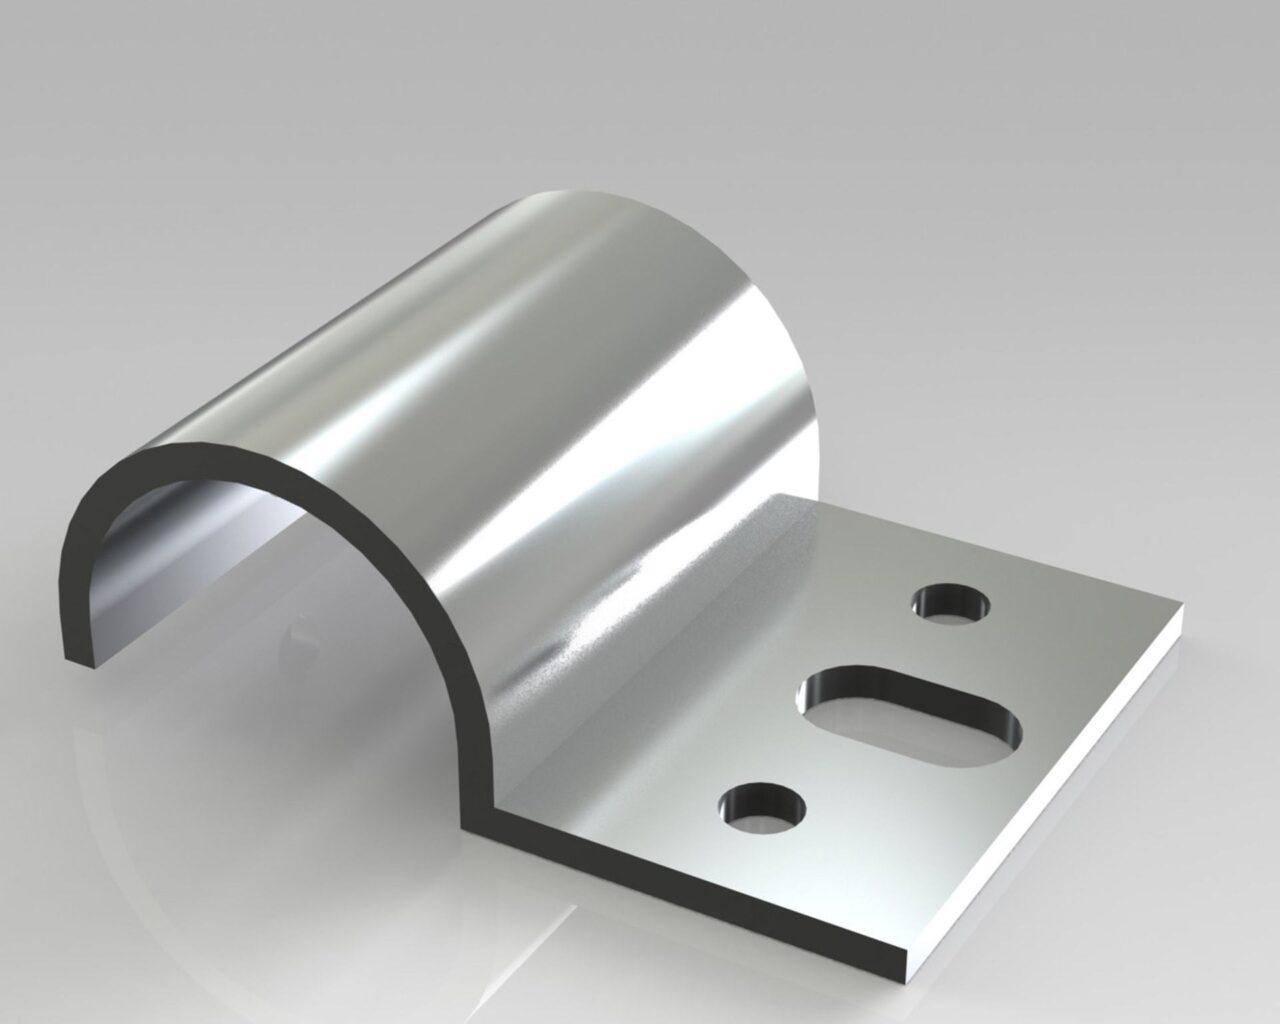 PEK3 Easytube Metal Accessories PC-A1